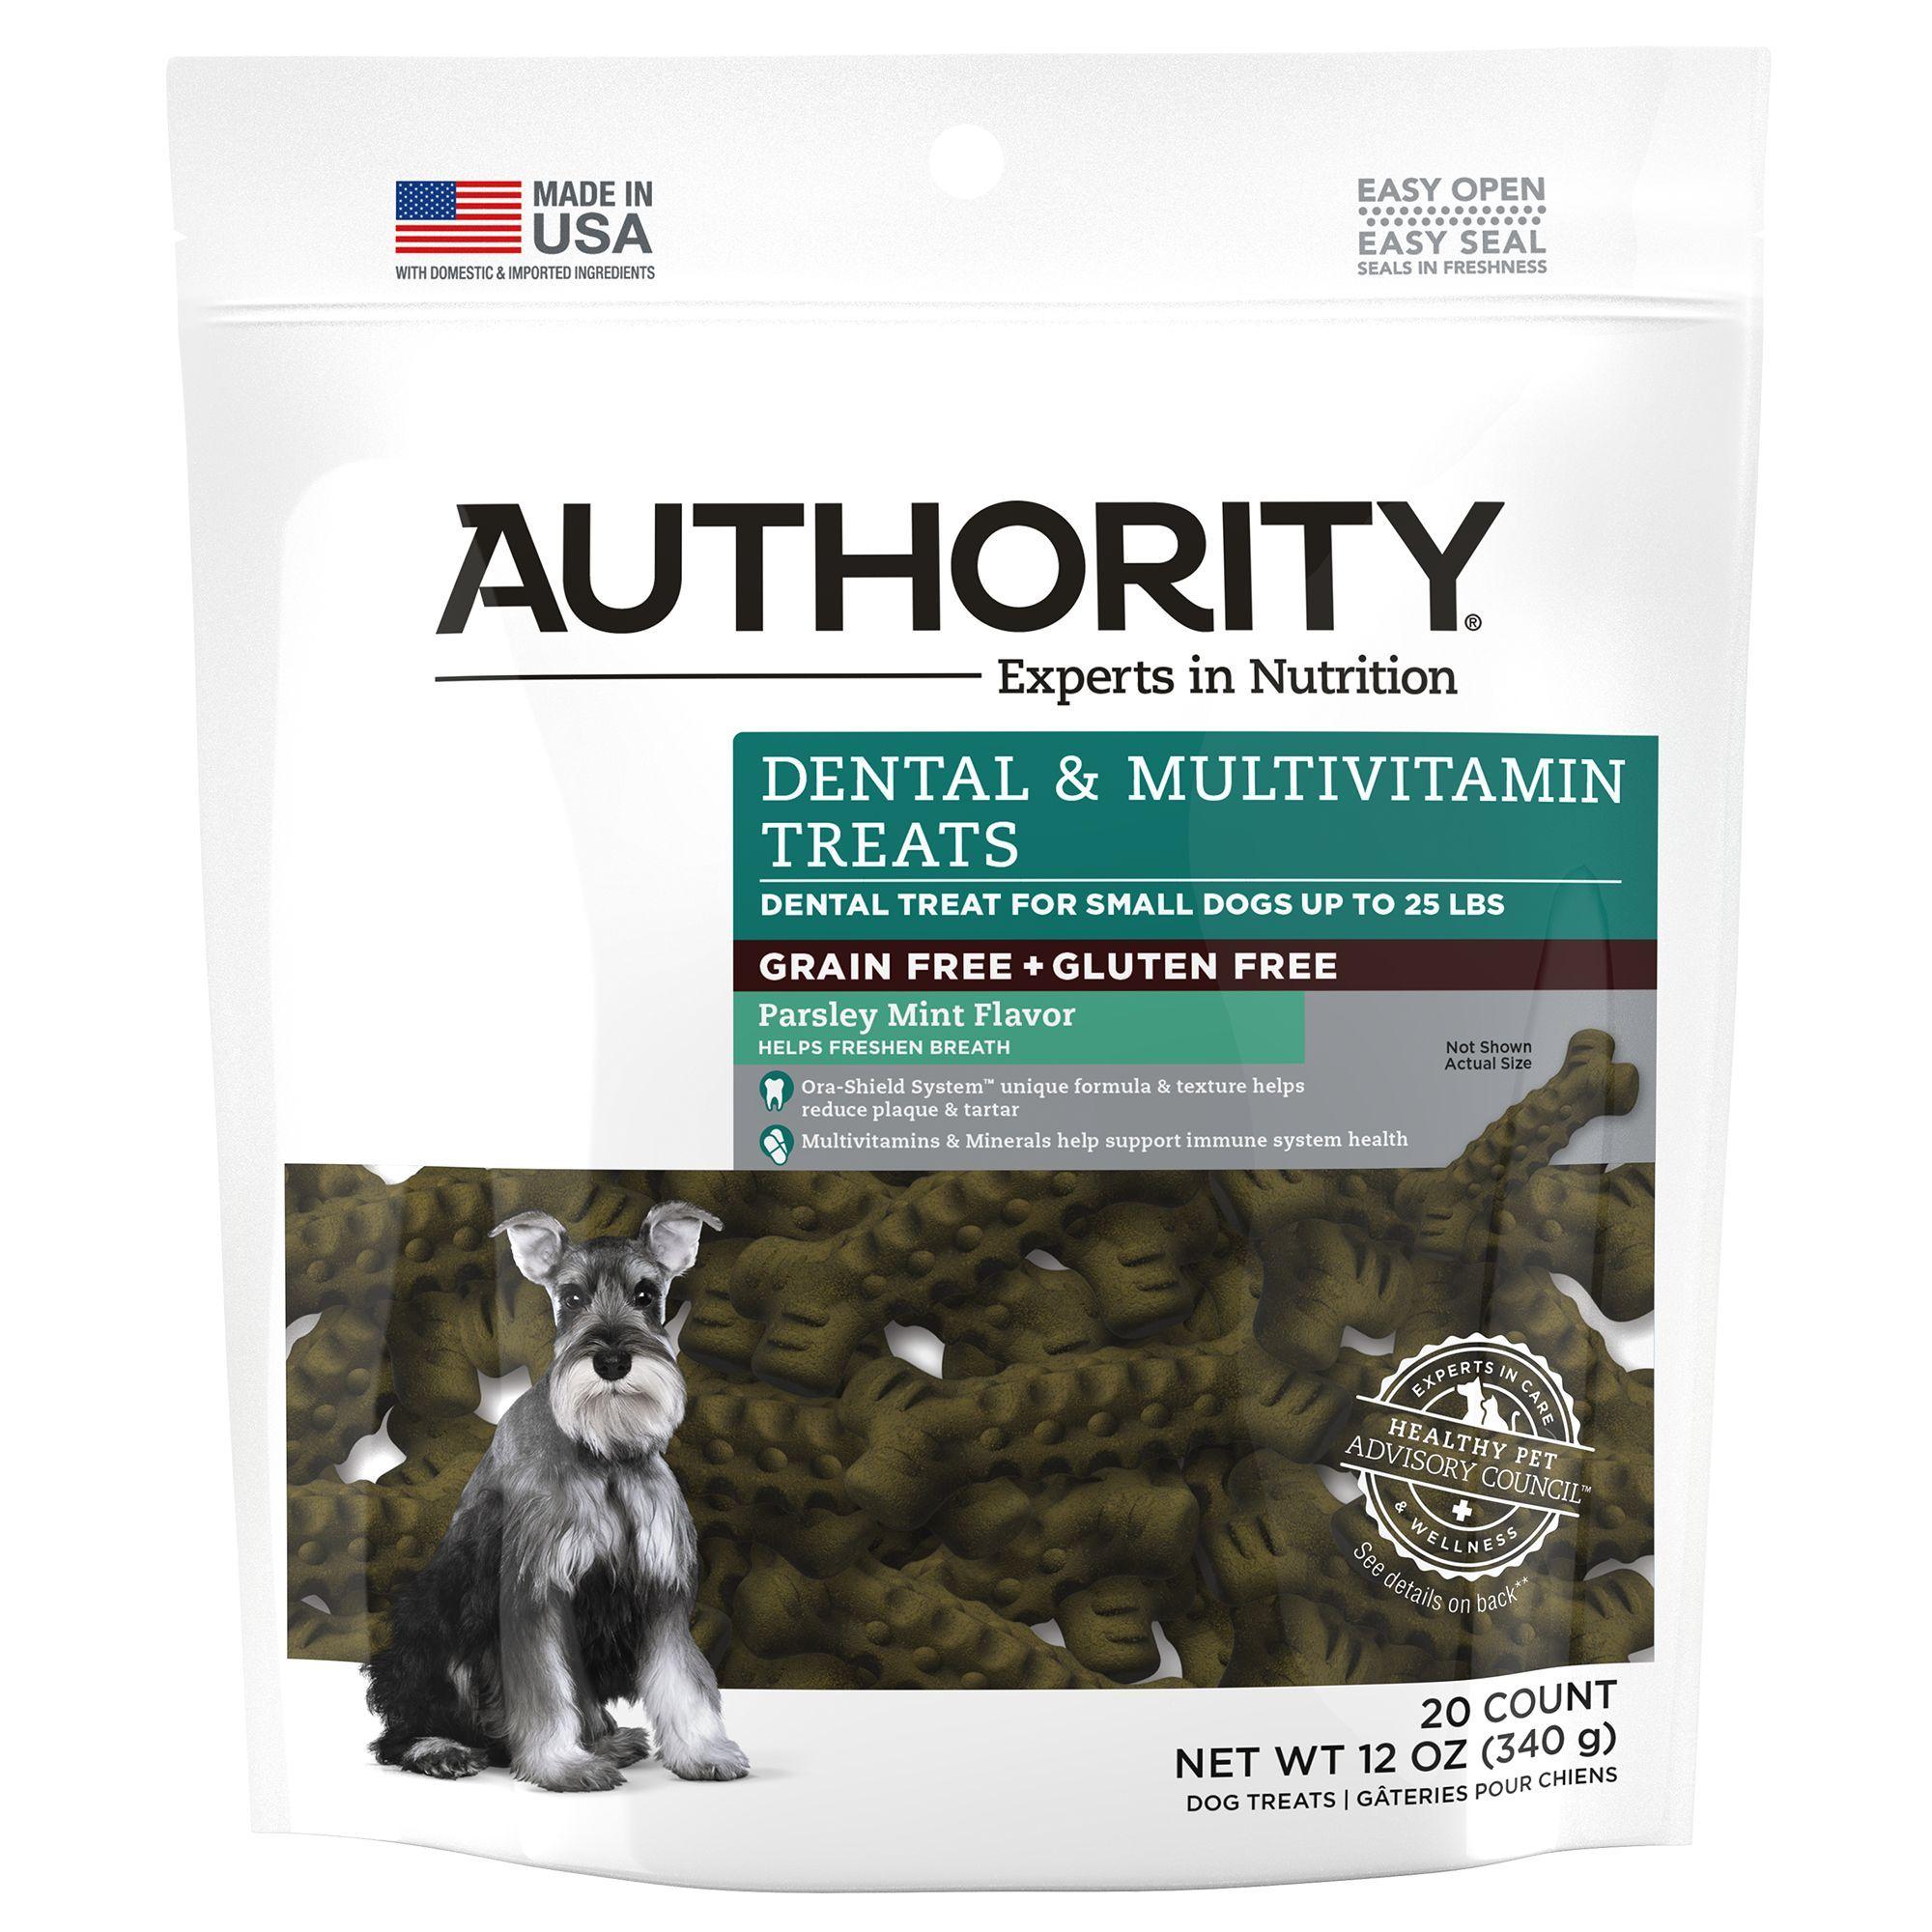 Authority Dental und Multivitamin Small Dog Treat – Getreidefrei, Glutenfrei, Petersilie Minze Größe: 20 Graf, Grün   – Products